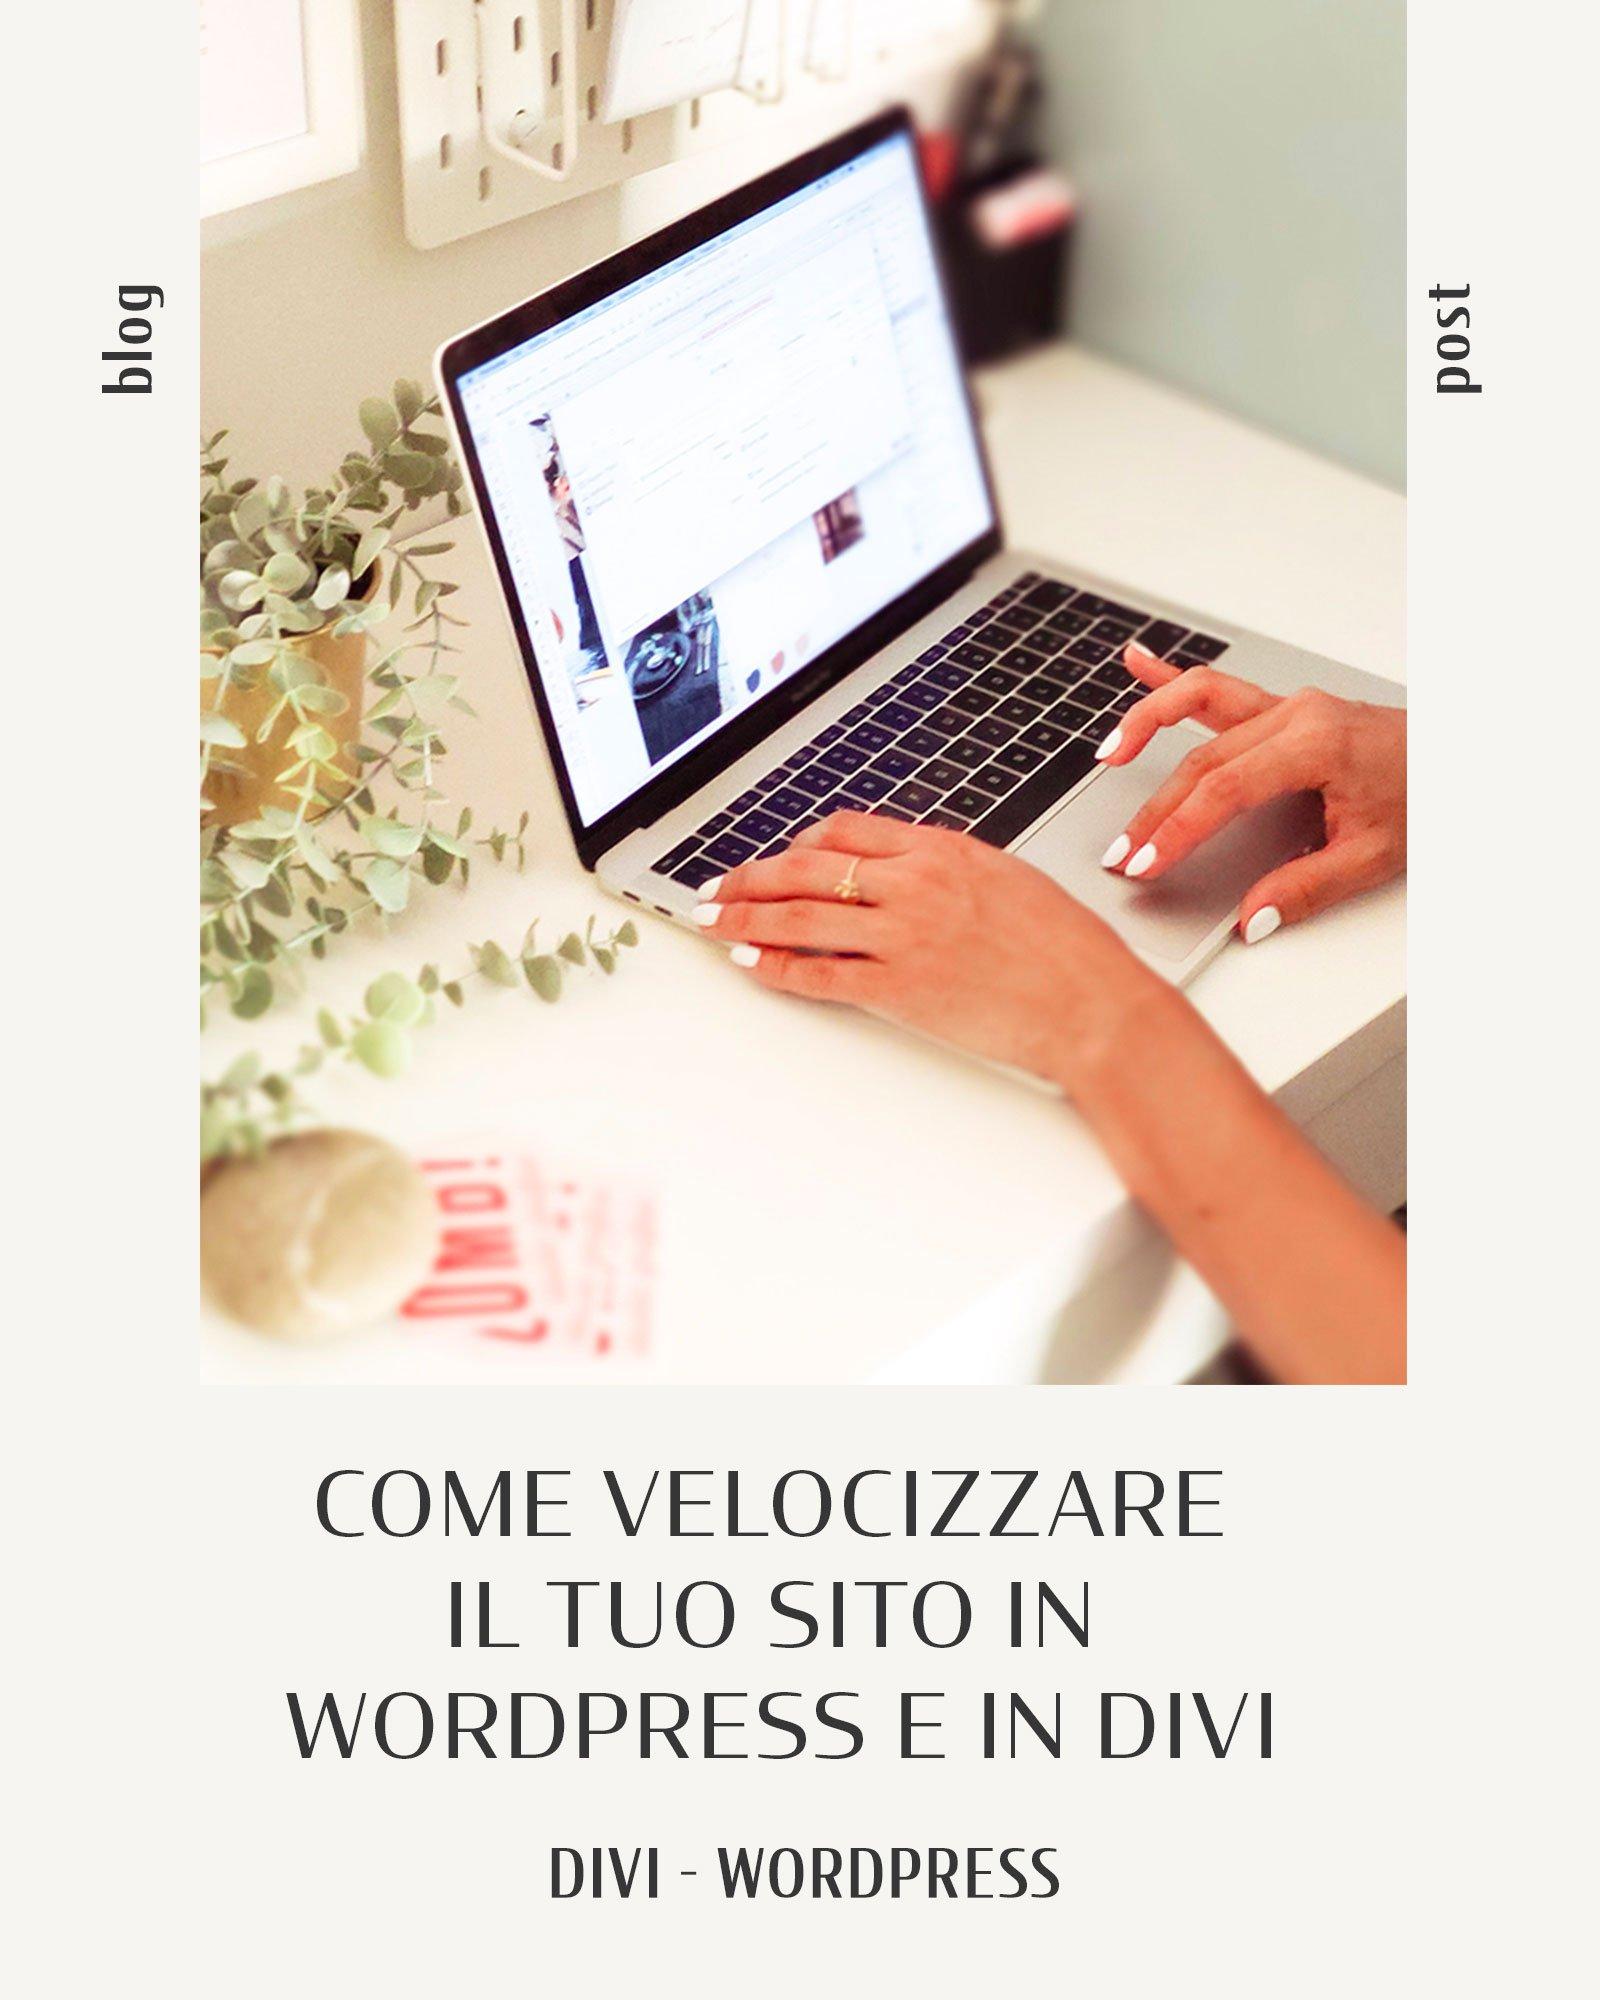 Come velocizzare sito wordpress divi